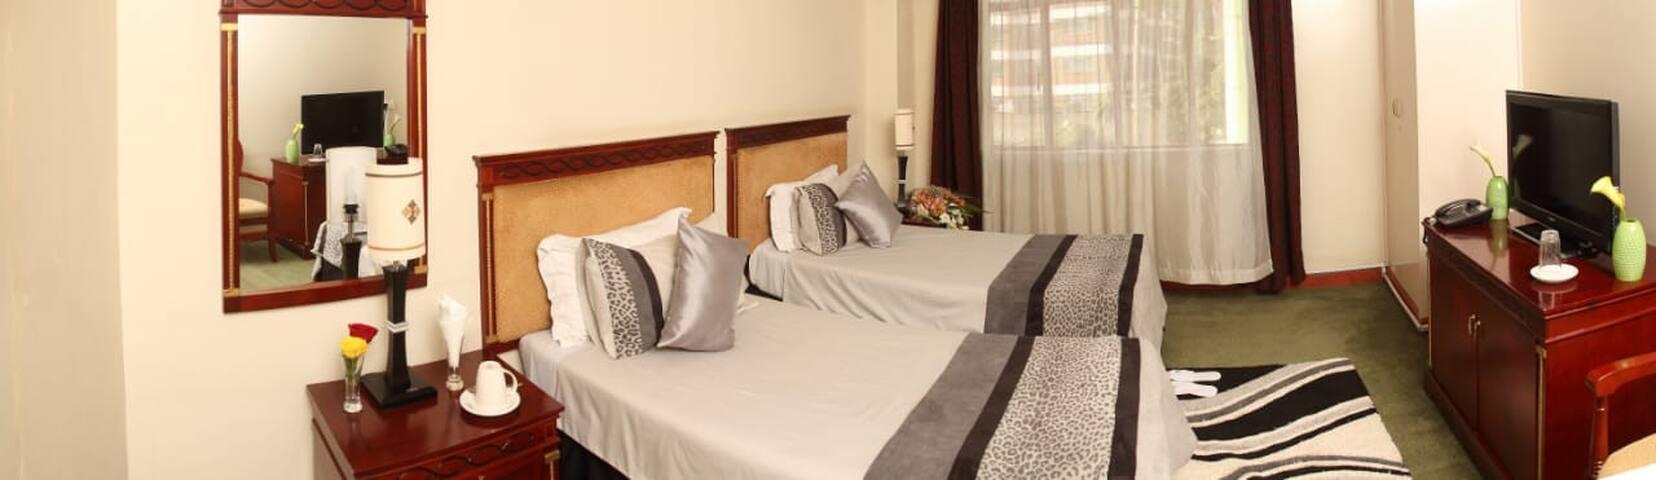 Convenient, Affordable,Comfortable  & Sumptuous